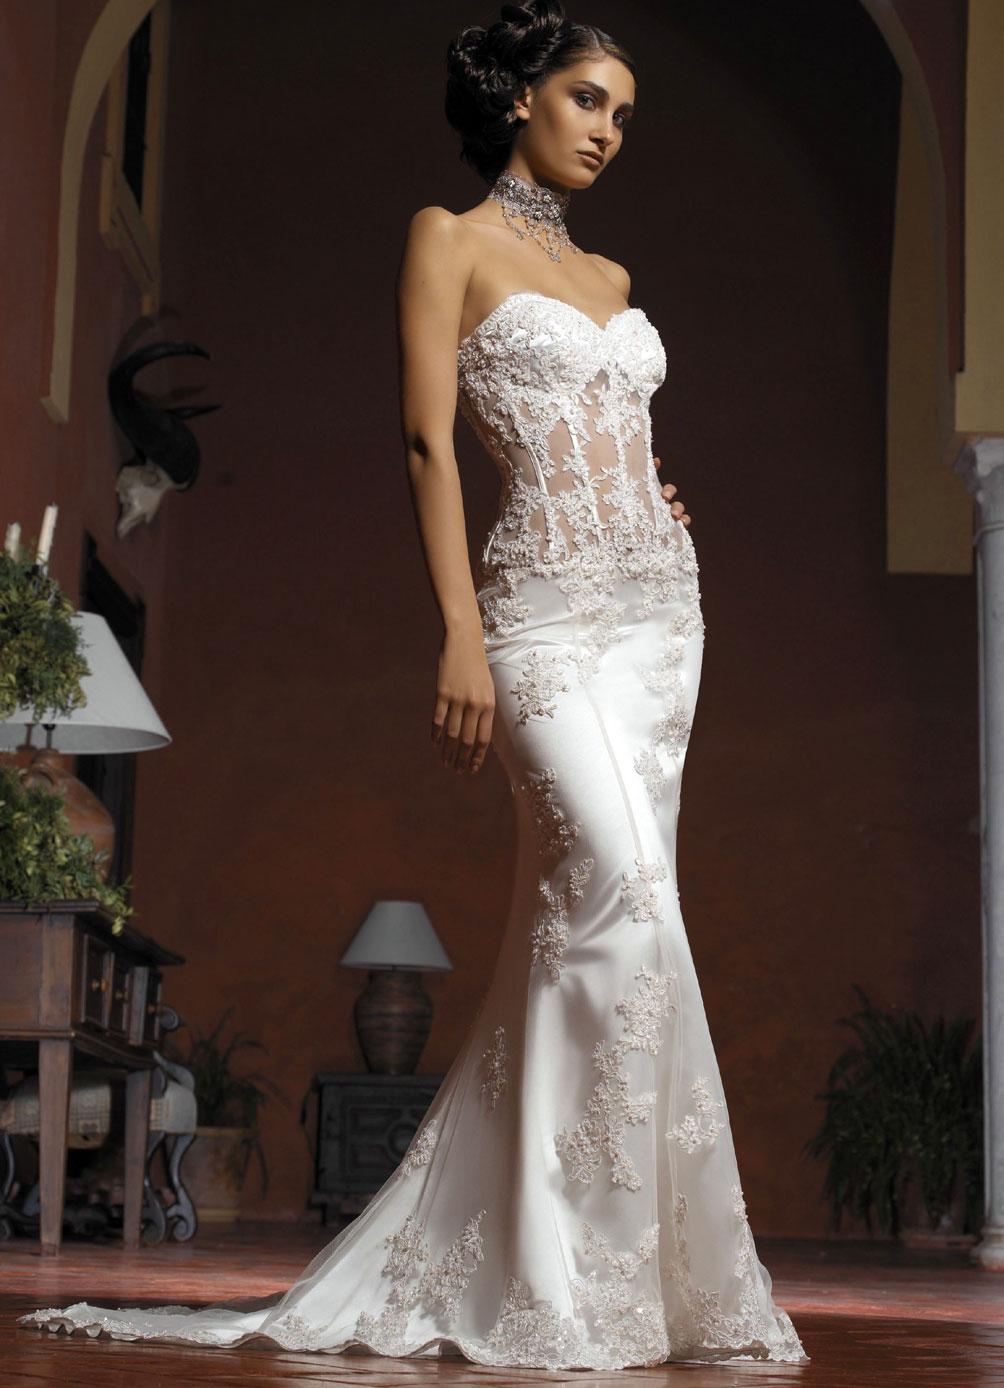 Фото секс свадебных платьев 15 фотография